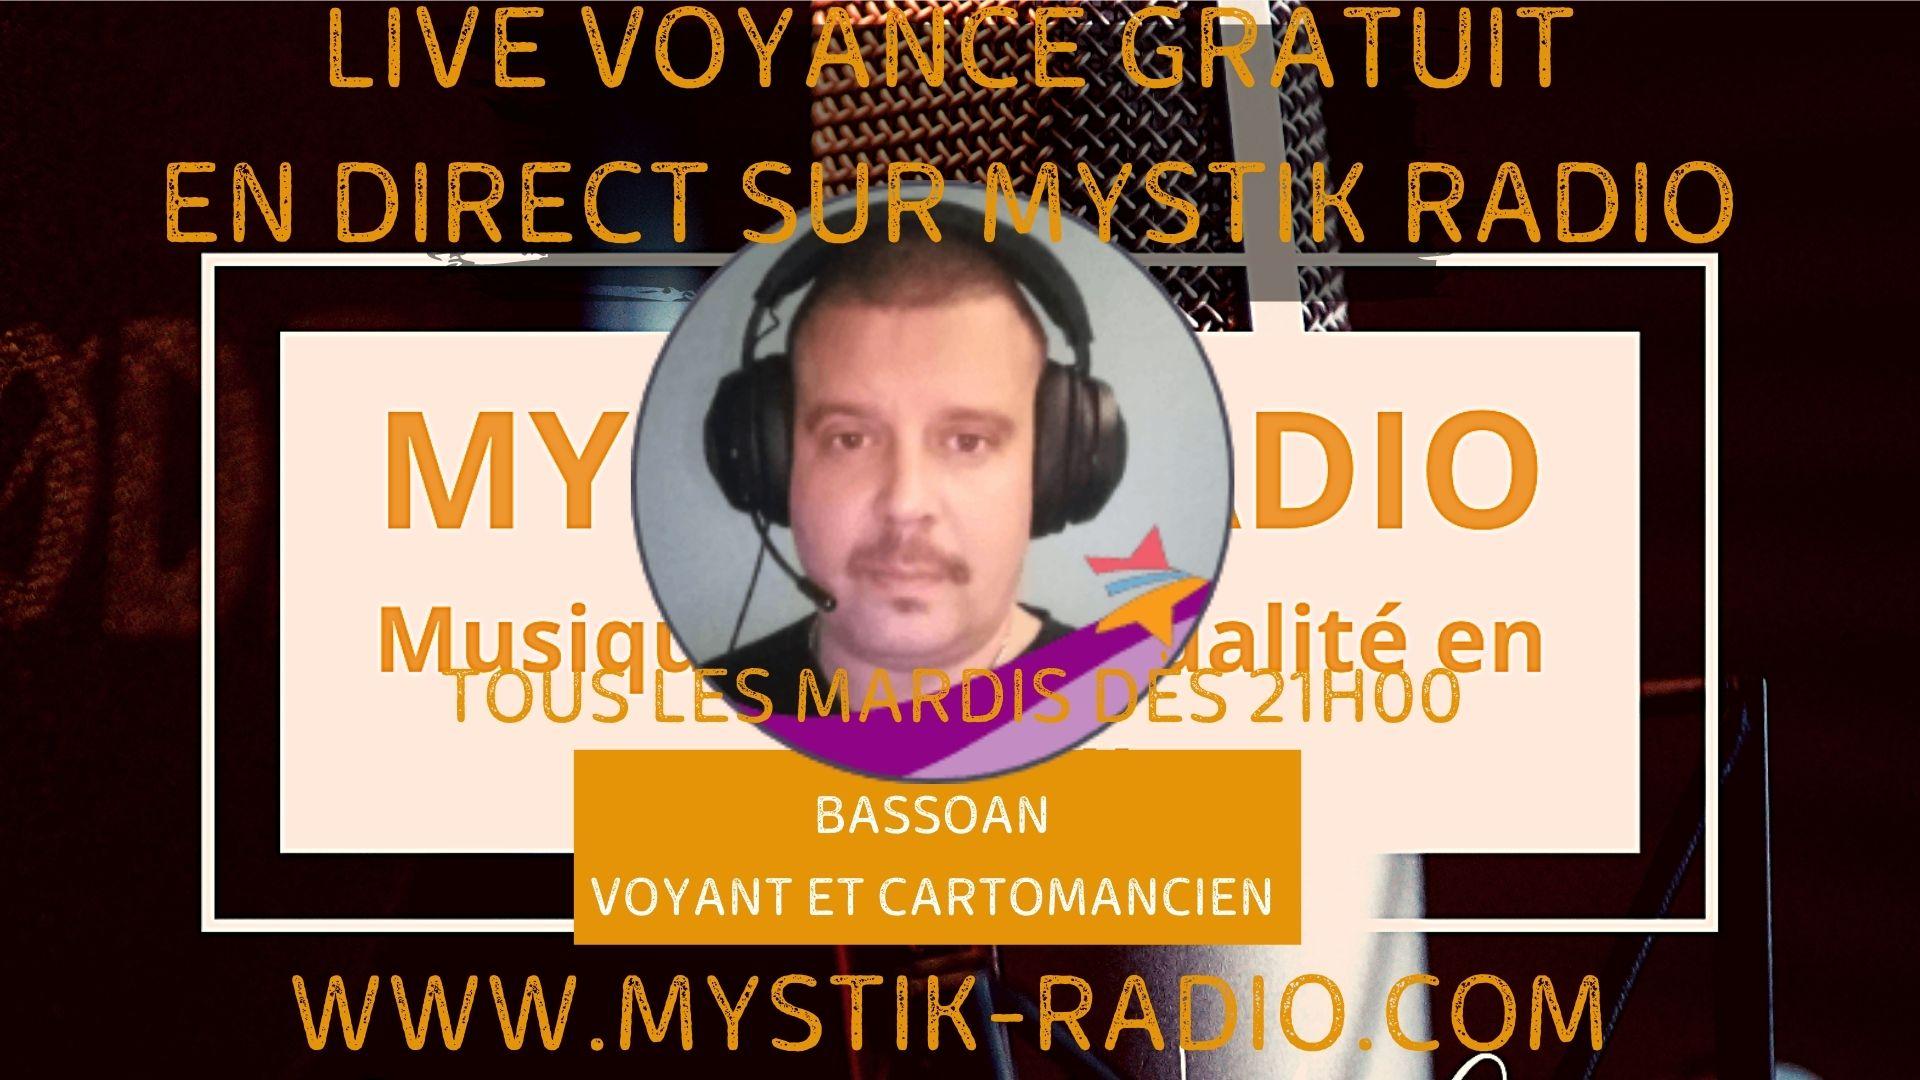 Bassoan voyant et cartomancie en live voyance gratuite sur Mystik Radio / Infinità Corse Voyance